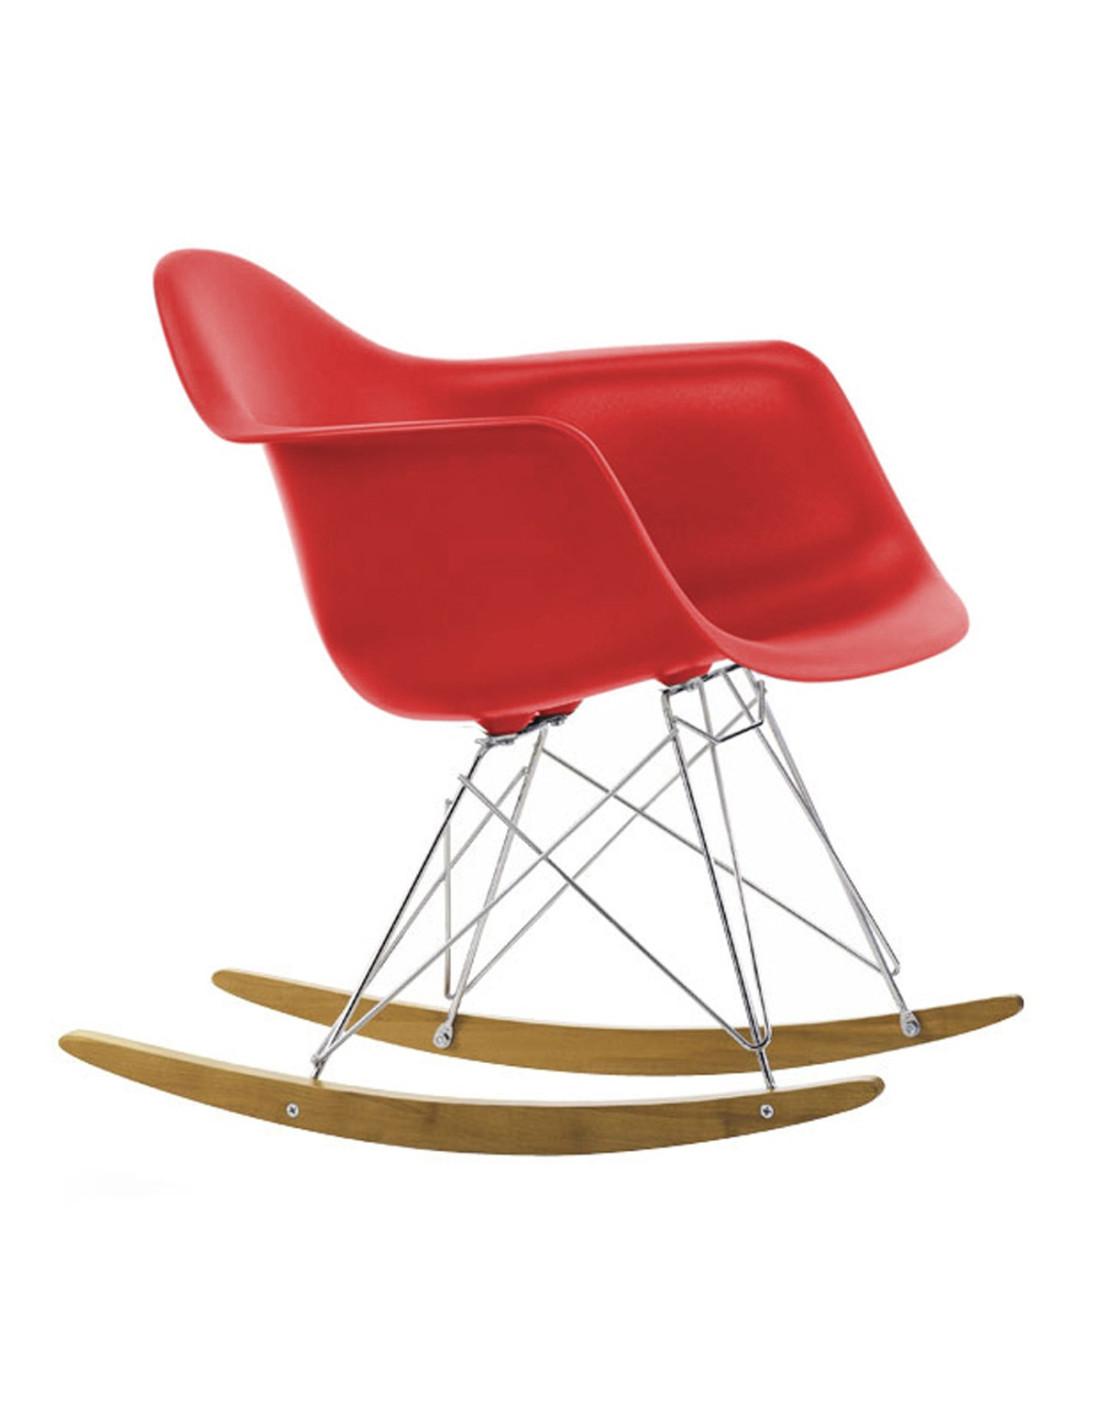 Chaise bascule rar charles ray eames vitra - Chaise design bascule ...